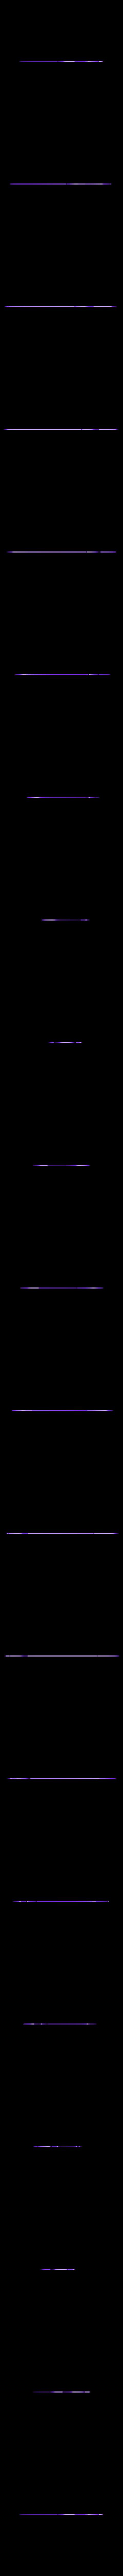 """T-3.stl Télécharger fichier STL gratuit LED light letters """"Why not?"""" • Objet pour impression 3D, dukedoks"""